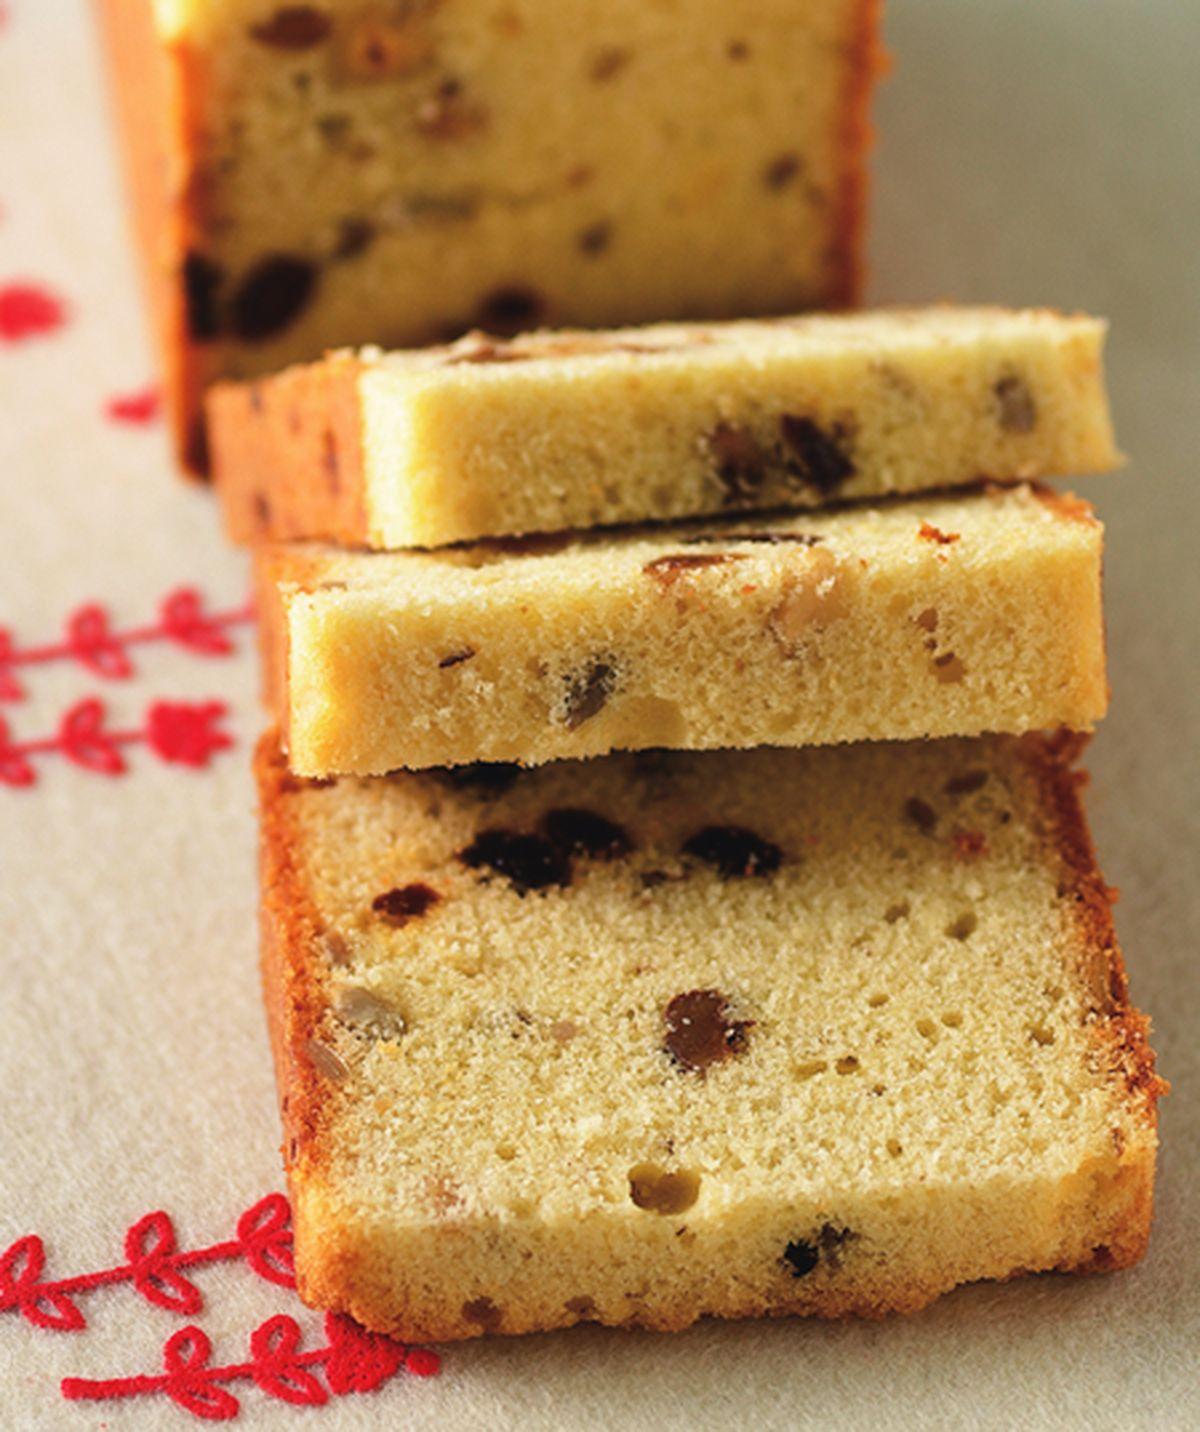 食譜:奶油水果磅蛋糕